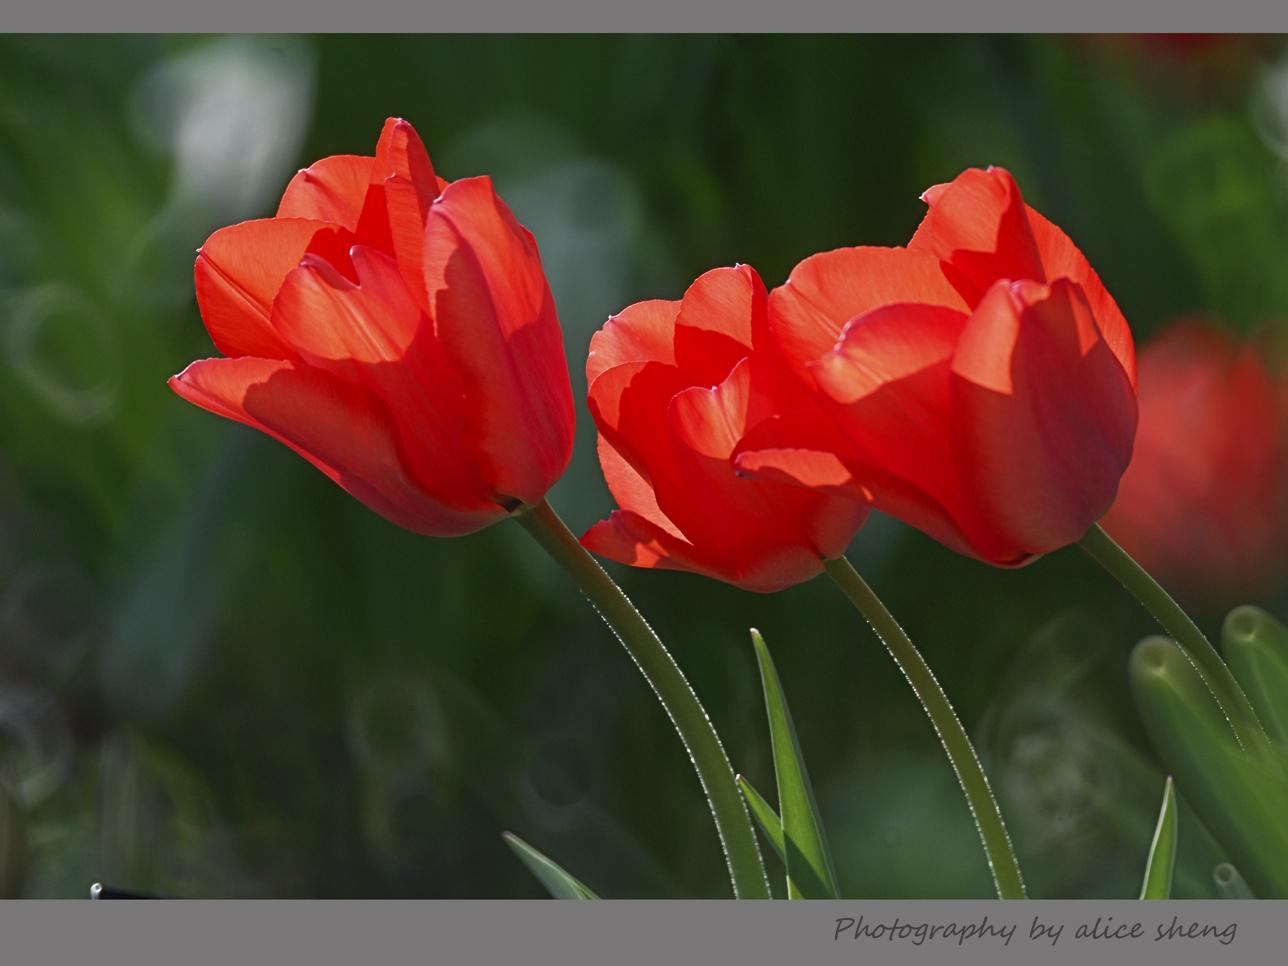 欢笑的春花之二_图1-2